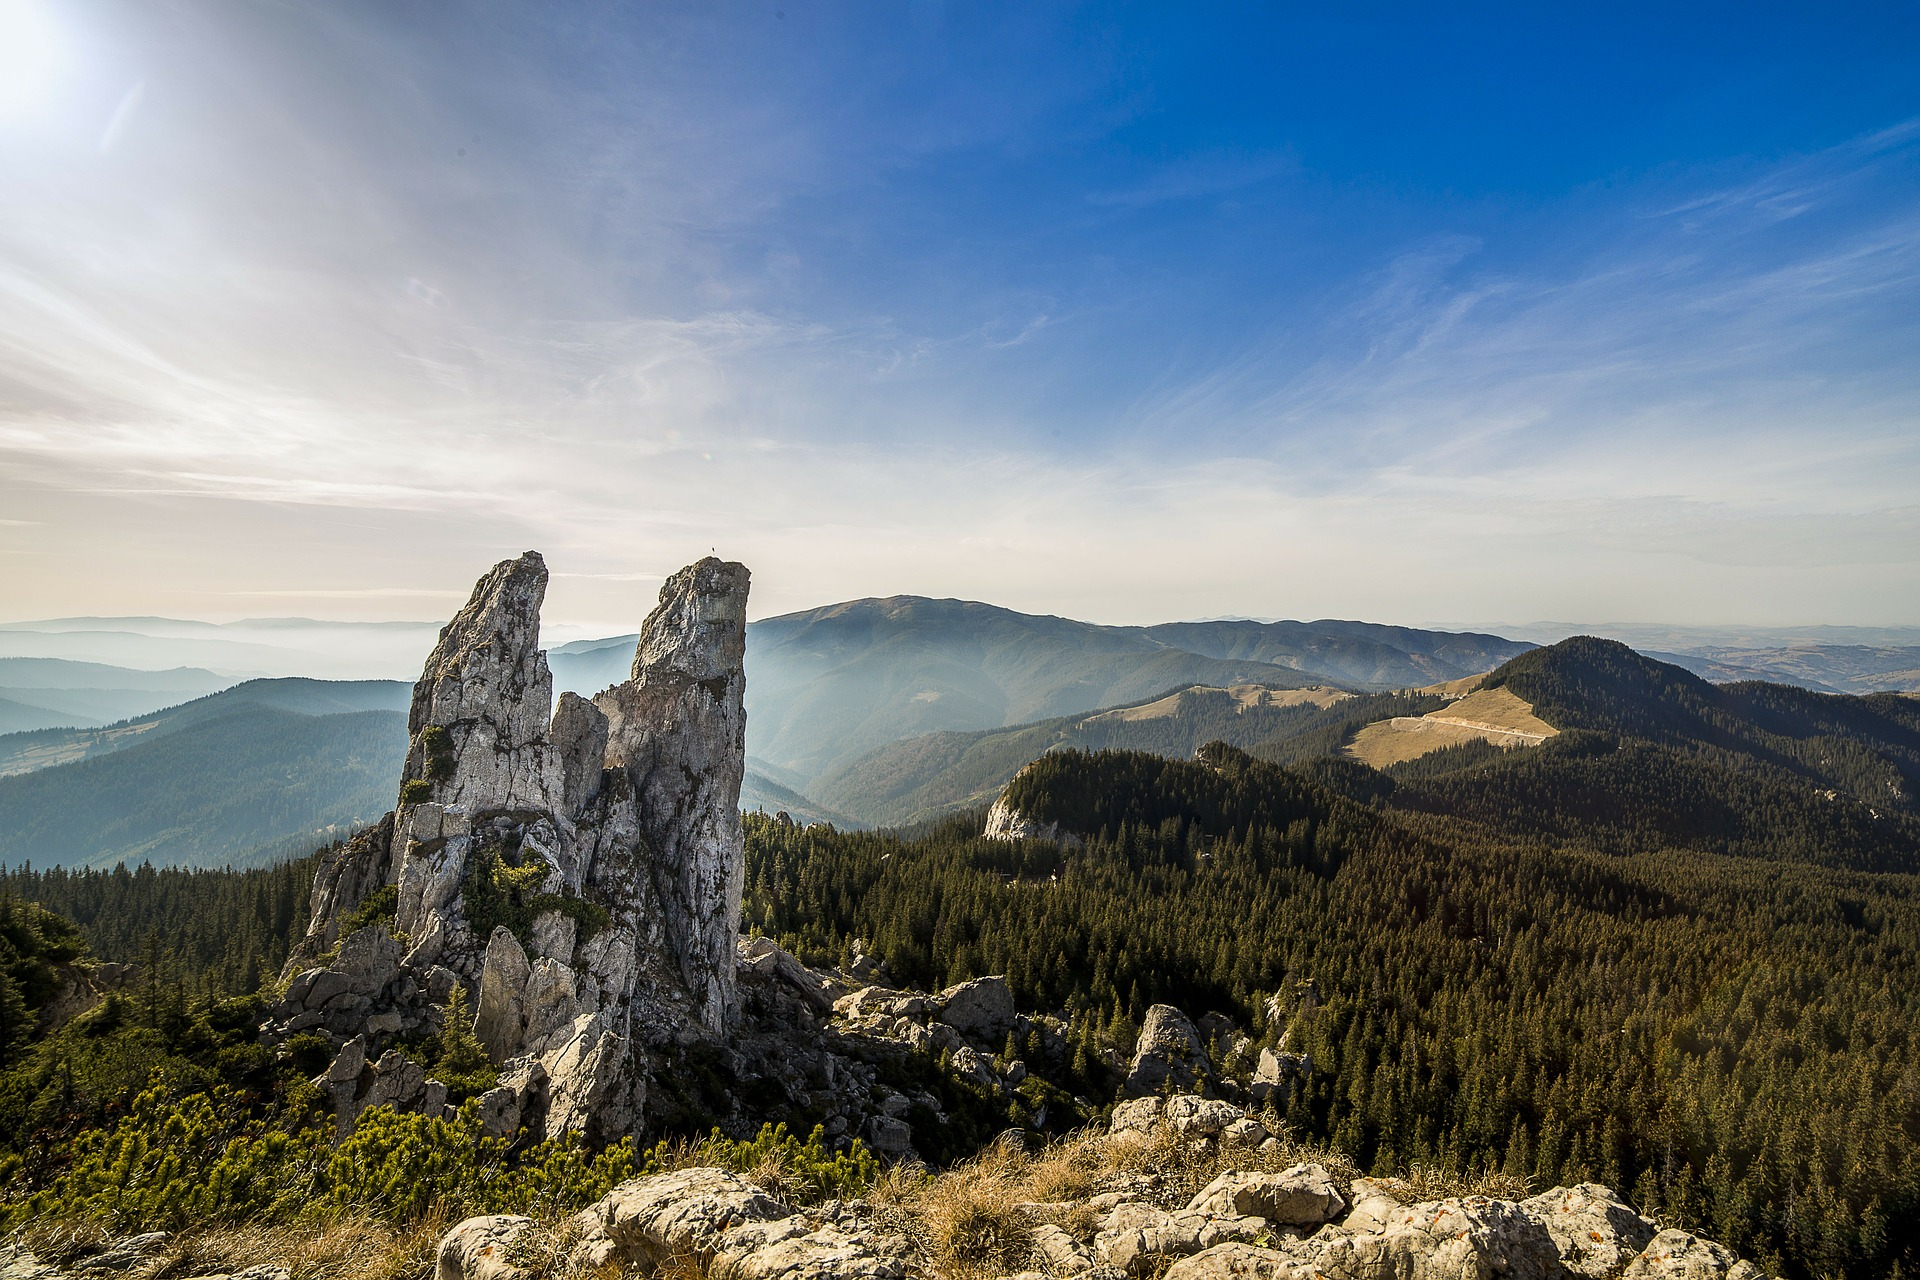 Rumänien ist ein Land voller malerischer Landschaften und jahrhundertelang gepflegter Traditionen.